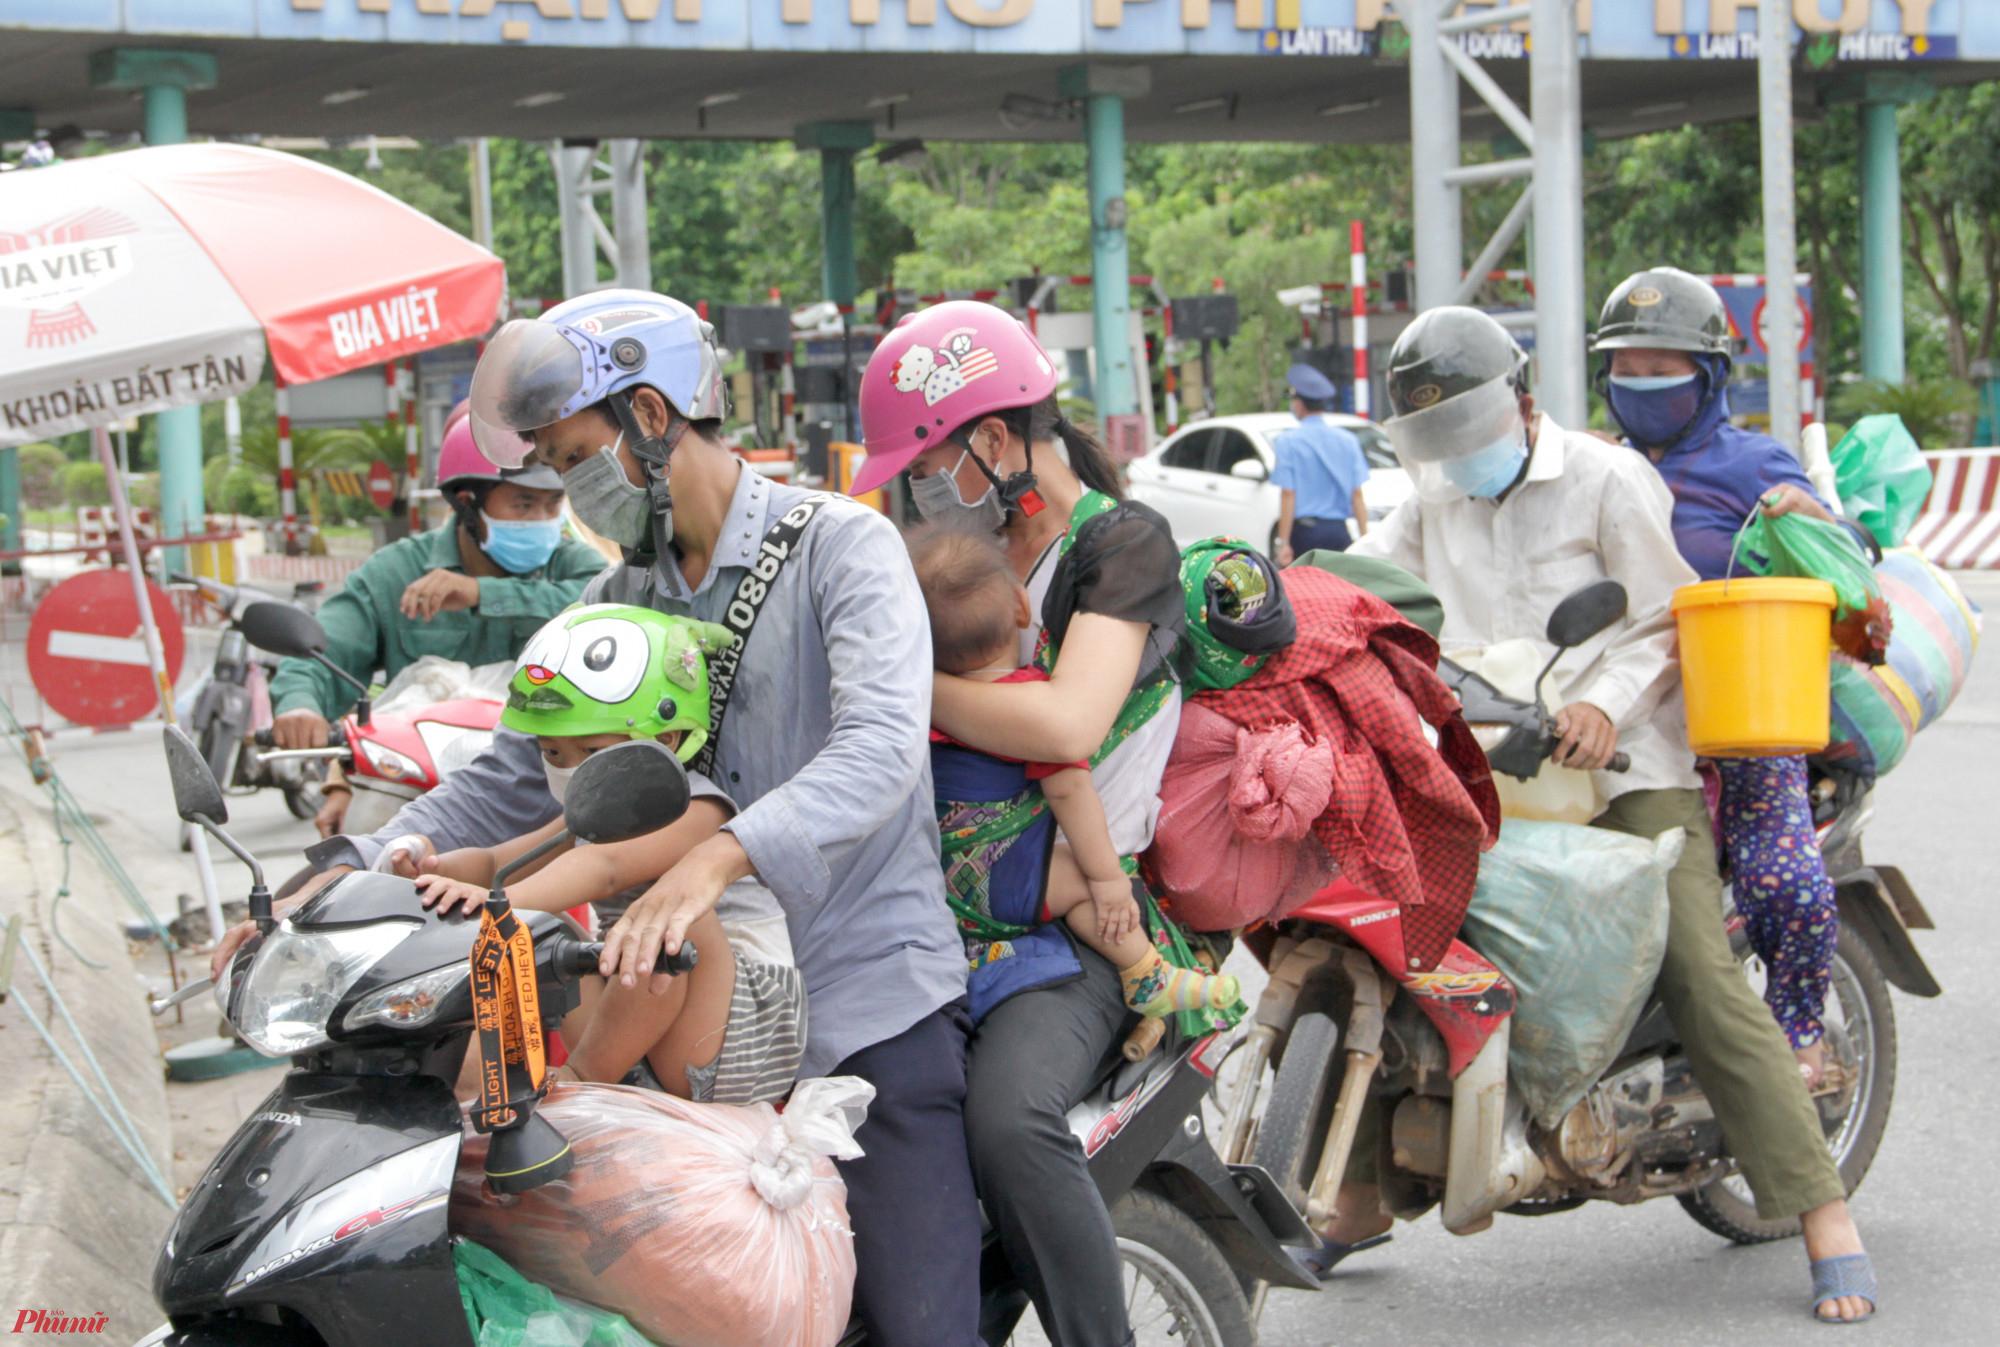 Từng tốp người chạy xe máy từ miền Nam về Nghệ An lần lượt đến chốt kiểm soát khai báo y tế